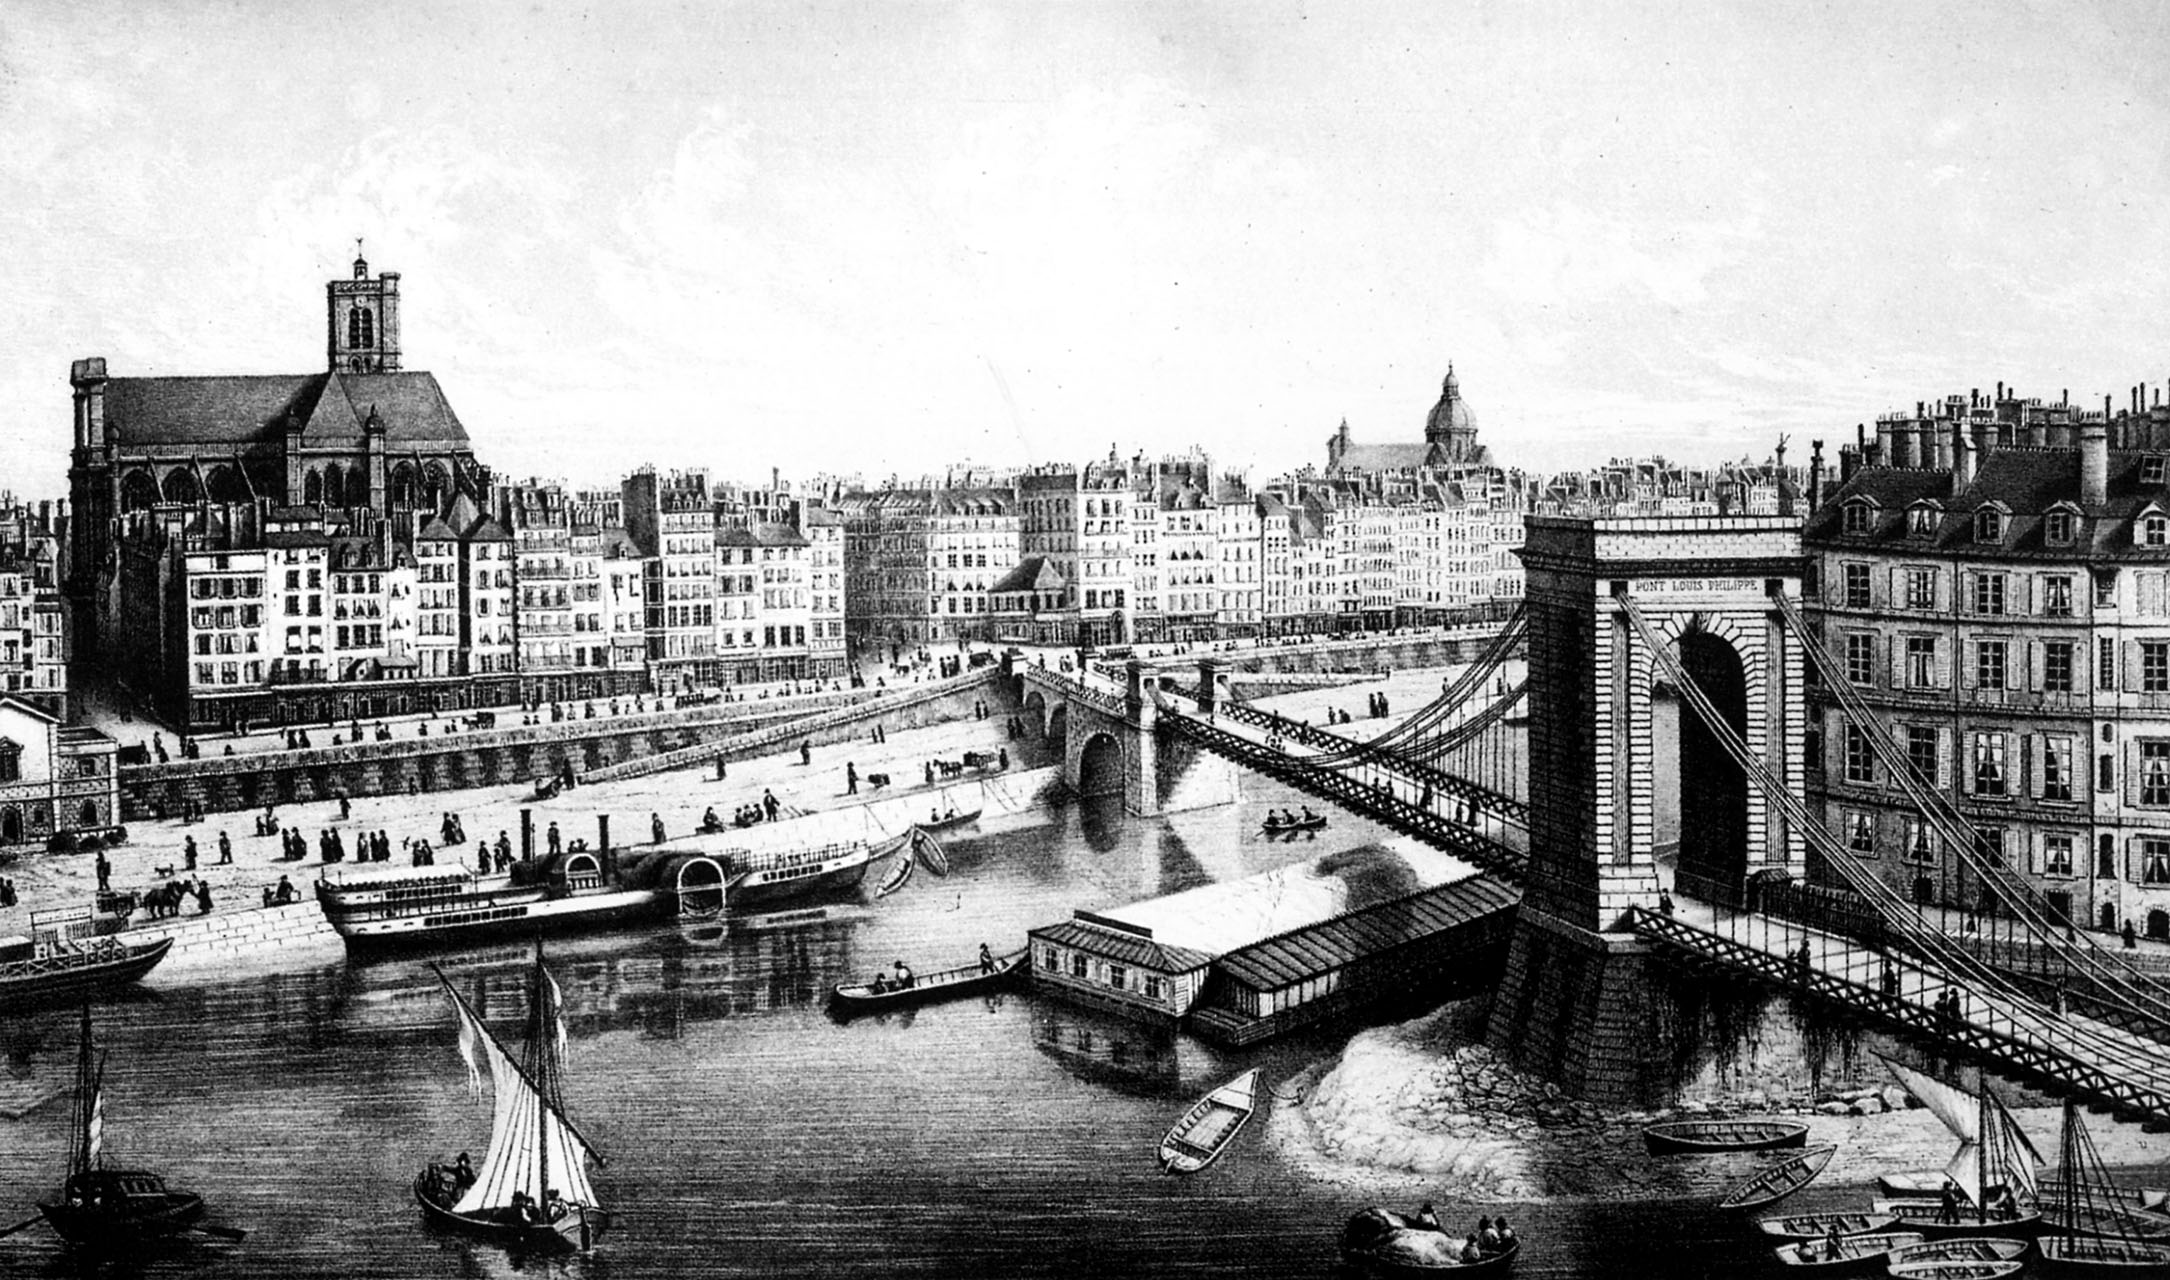 File:Paris - Bateaux vapeur pres du pont Louis-Philippe vers 1840.jpg